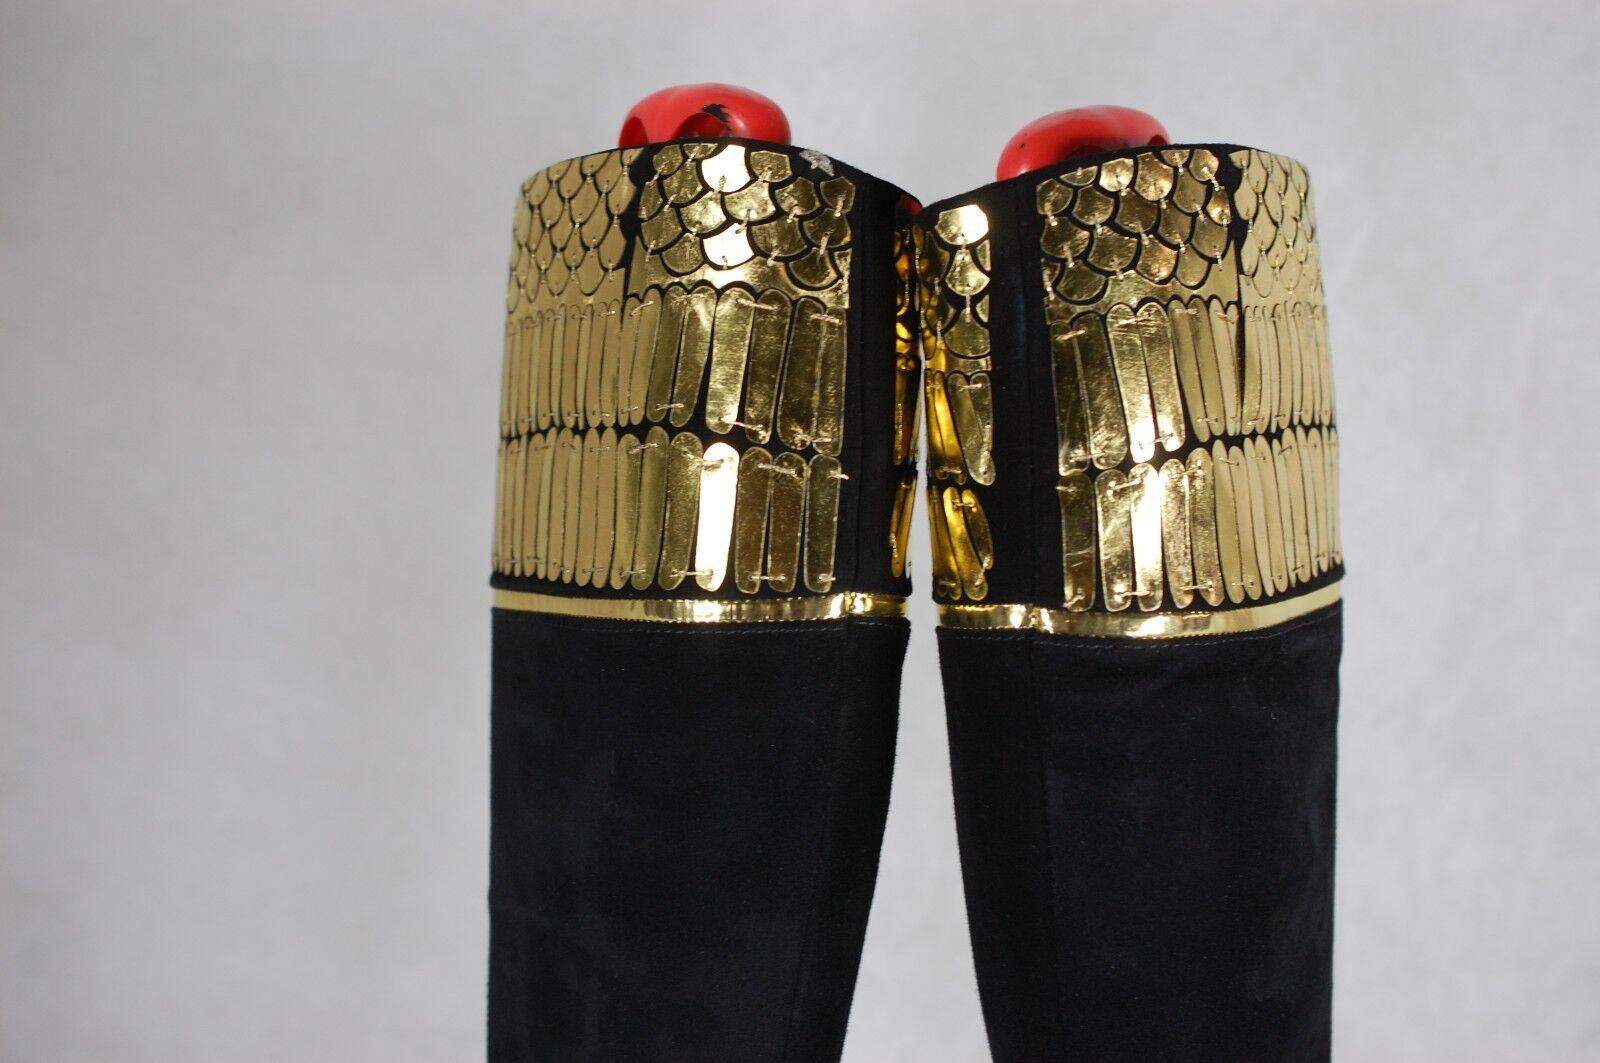 ROBERTO CAVALLI HI HEEL HEEL HEEL PLATFORM WOMEN BLACK&gold SUEDE  BOOTS EU 38.5  US 8.5 6b342c